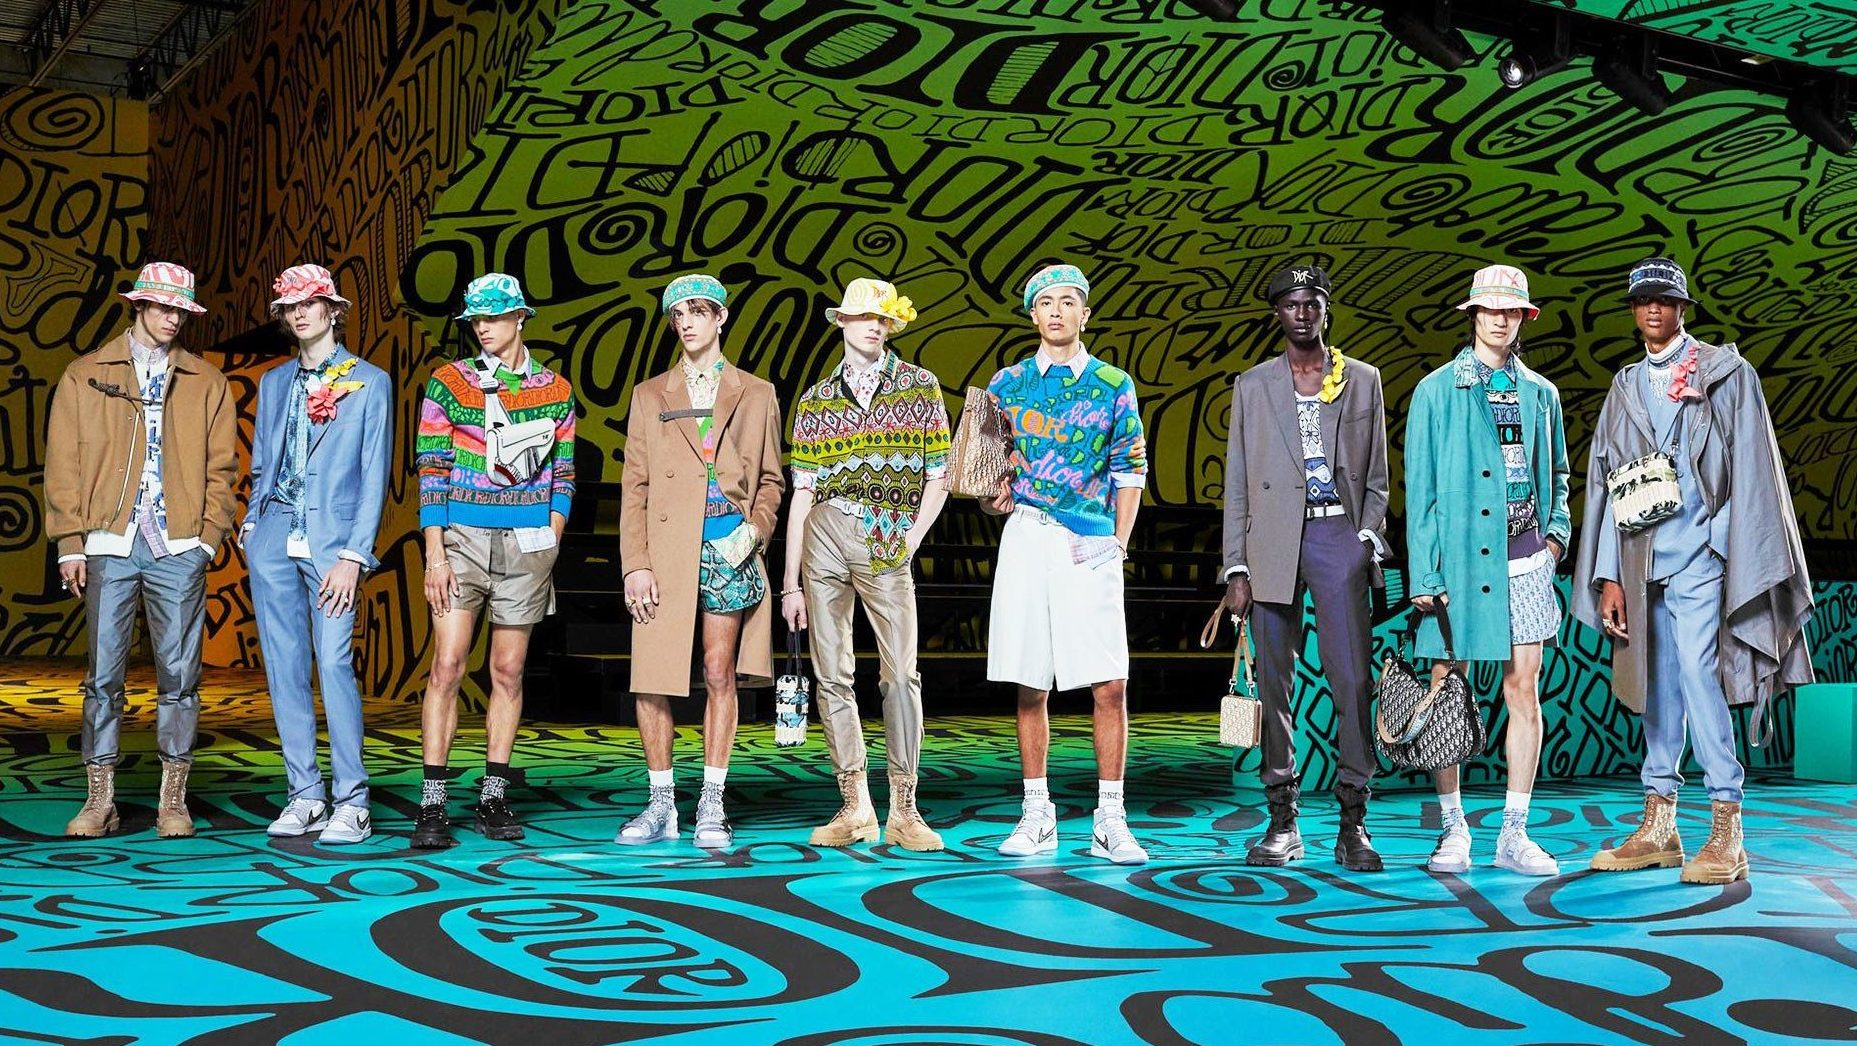 Dior muốn đánh gục cả thế giới với dòng thời trang nam đầy nhục cảm